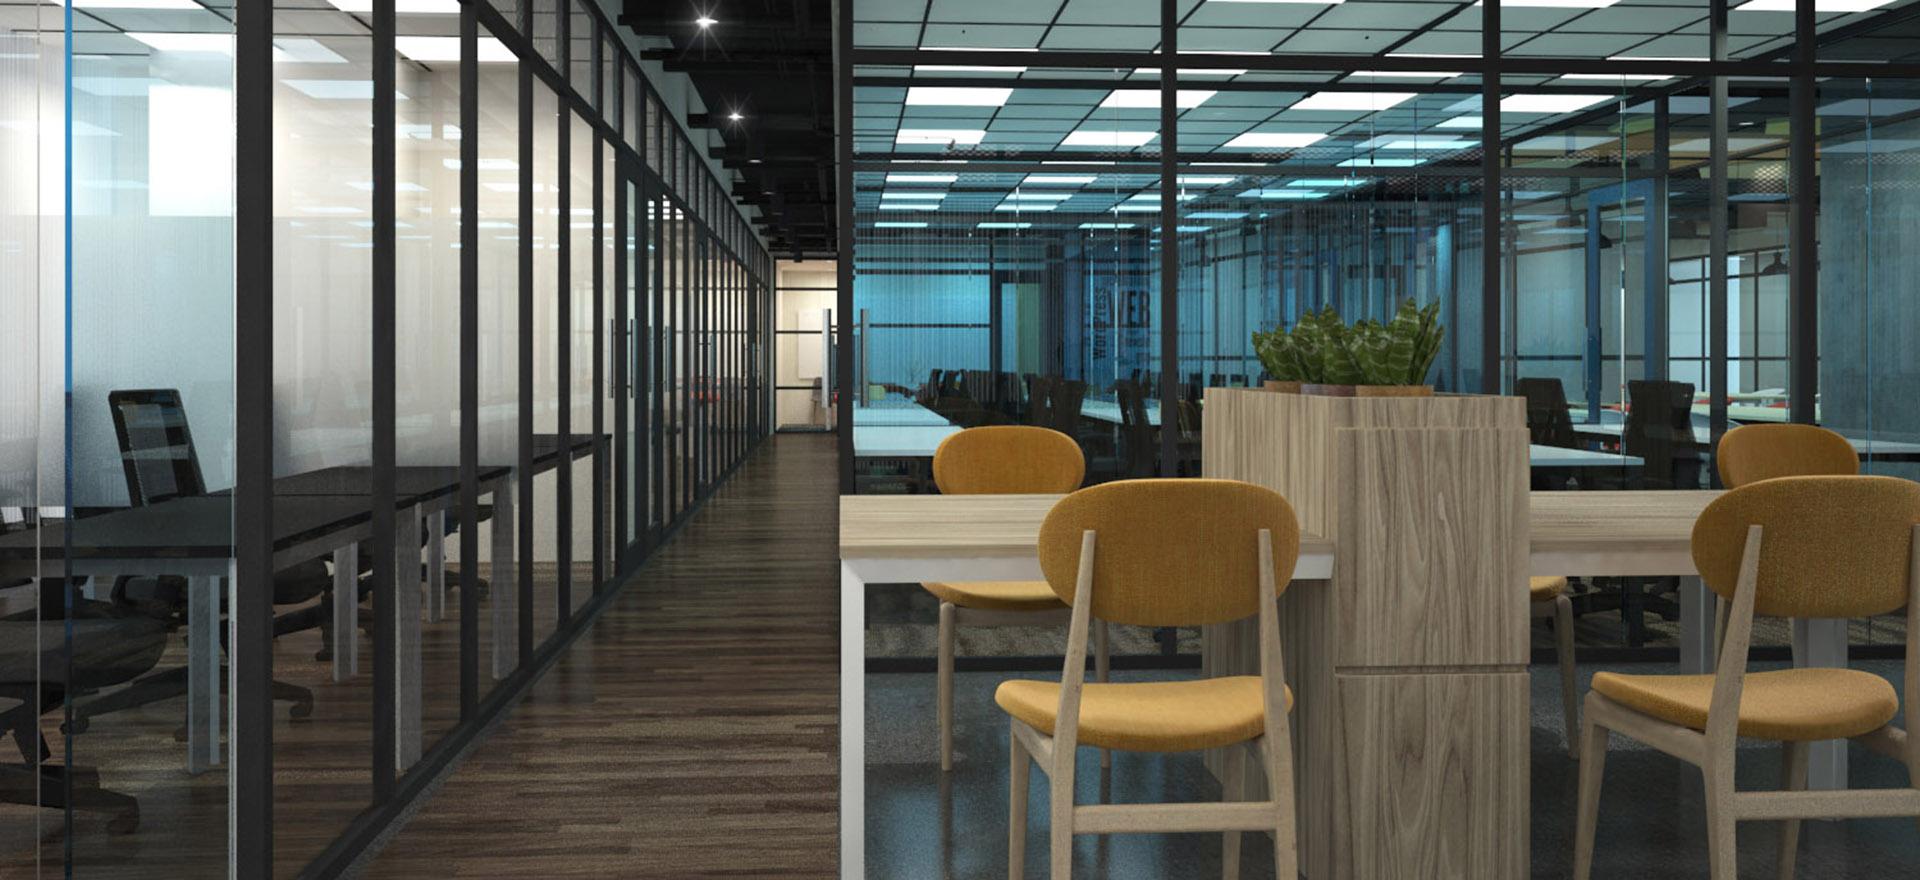 Xu hướng thay thế sử dụng văn phòng ảo trong tương lai 3